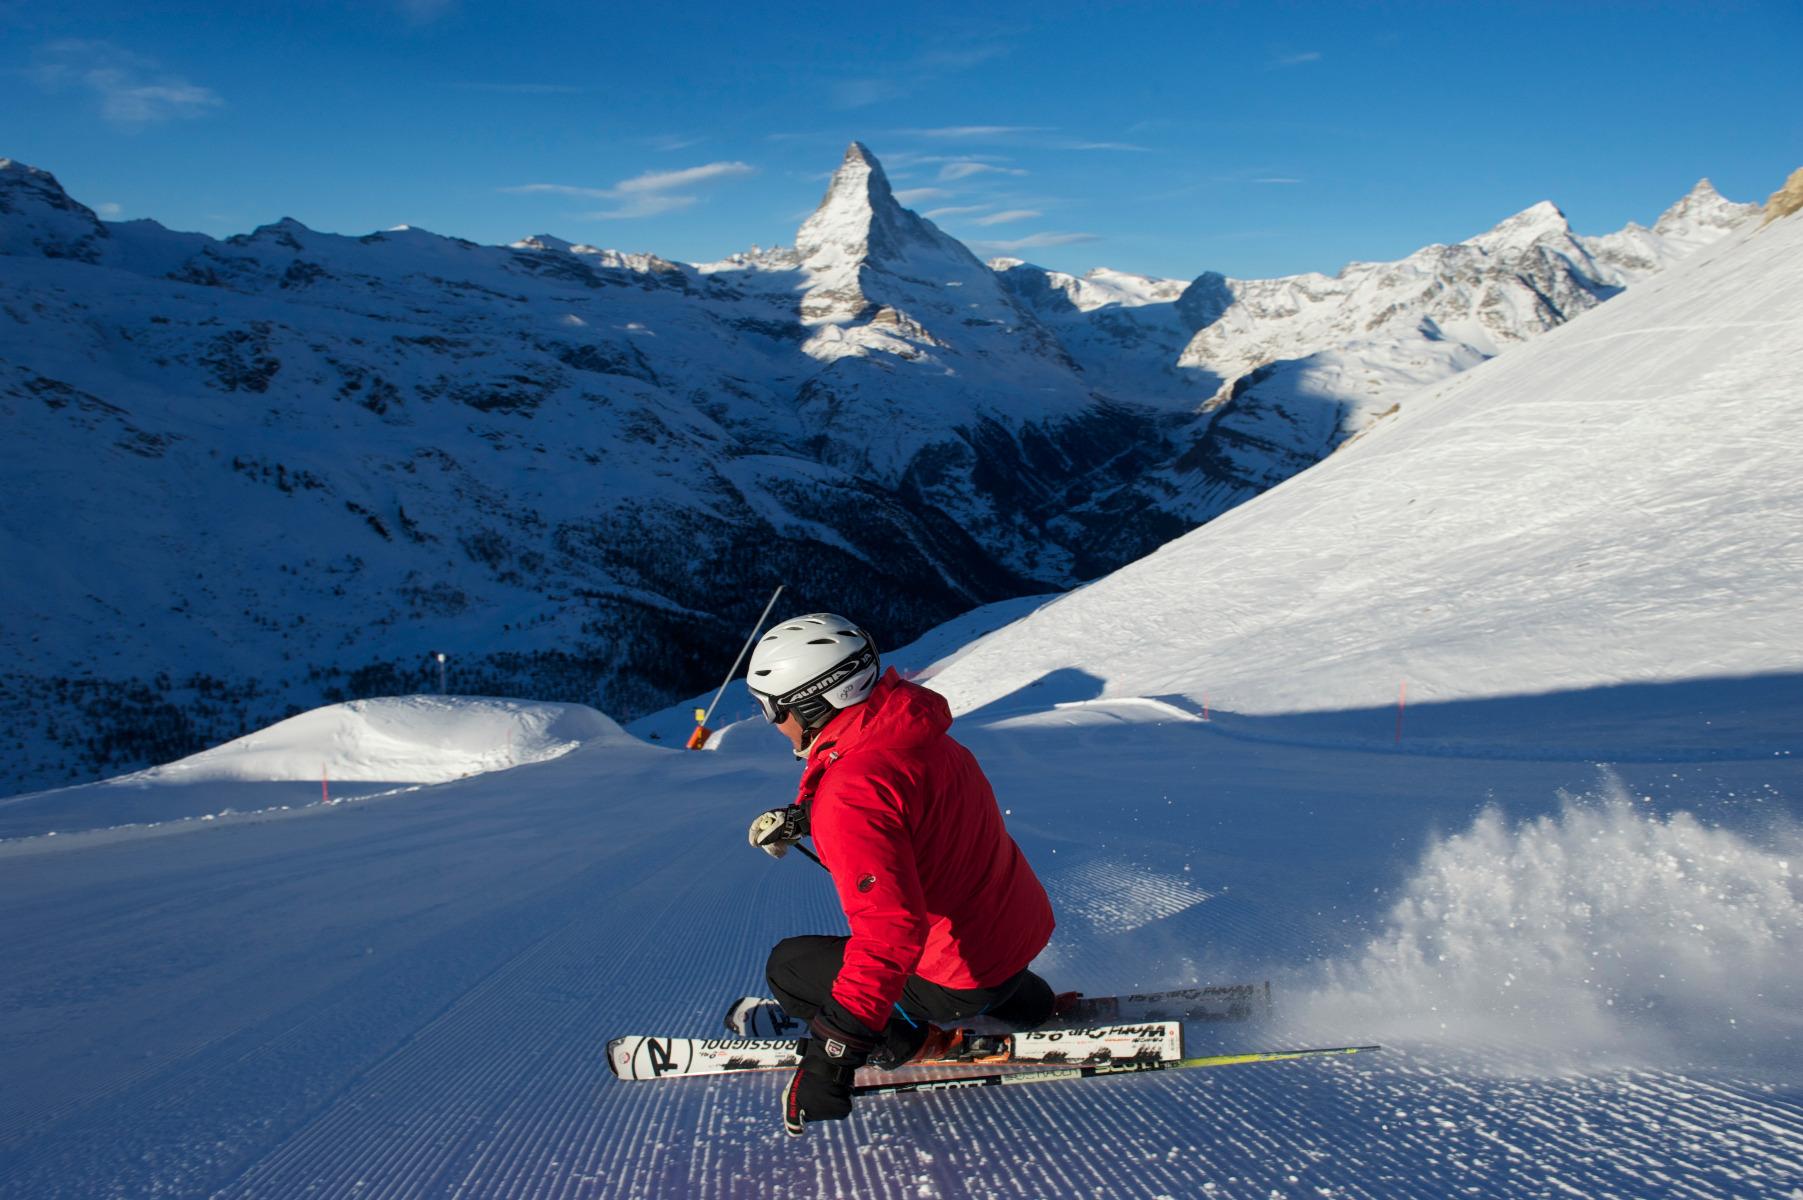 Letné lyžiarske stredisko Zermatt, Švajčiarsko